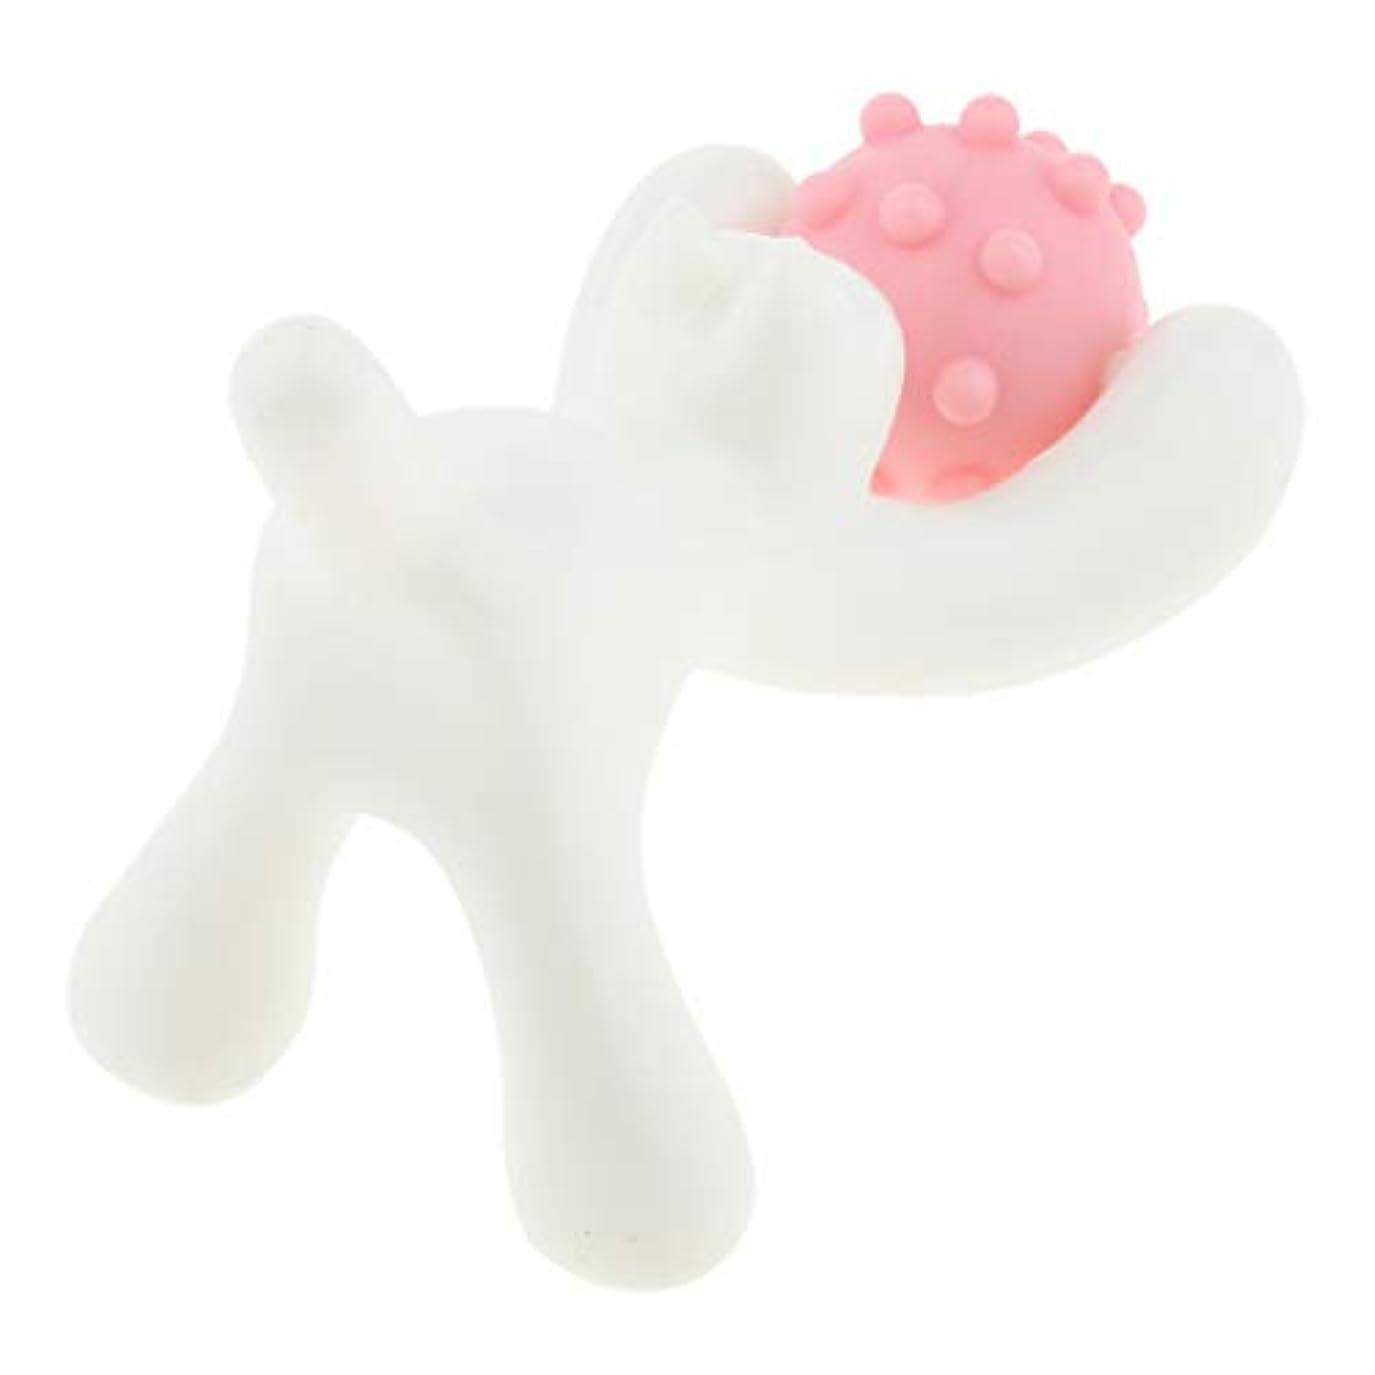 ベックス予約遠えフェイスローラー 美顔ローラー フェイス ボディー用 マッサージローラー 猫の形 快適 3色選ぶ - ピンク